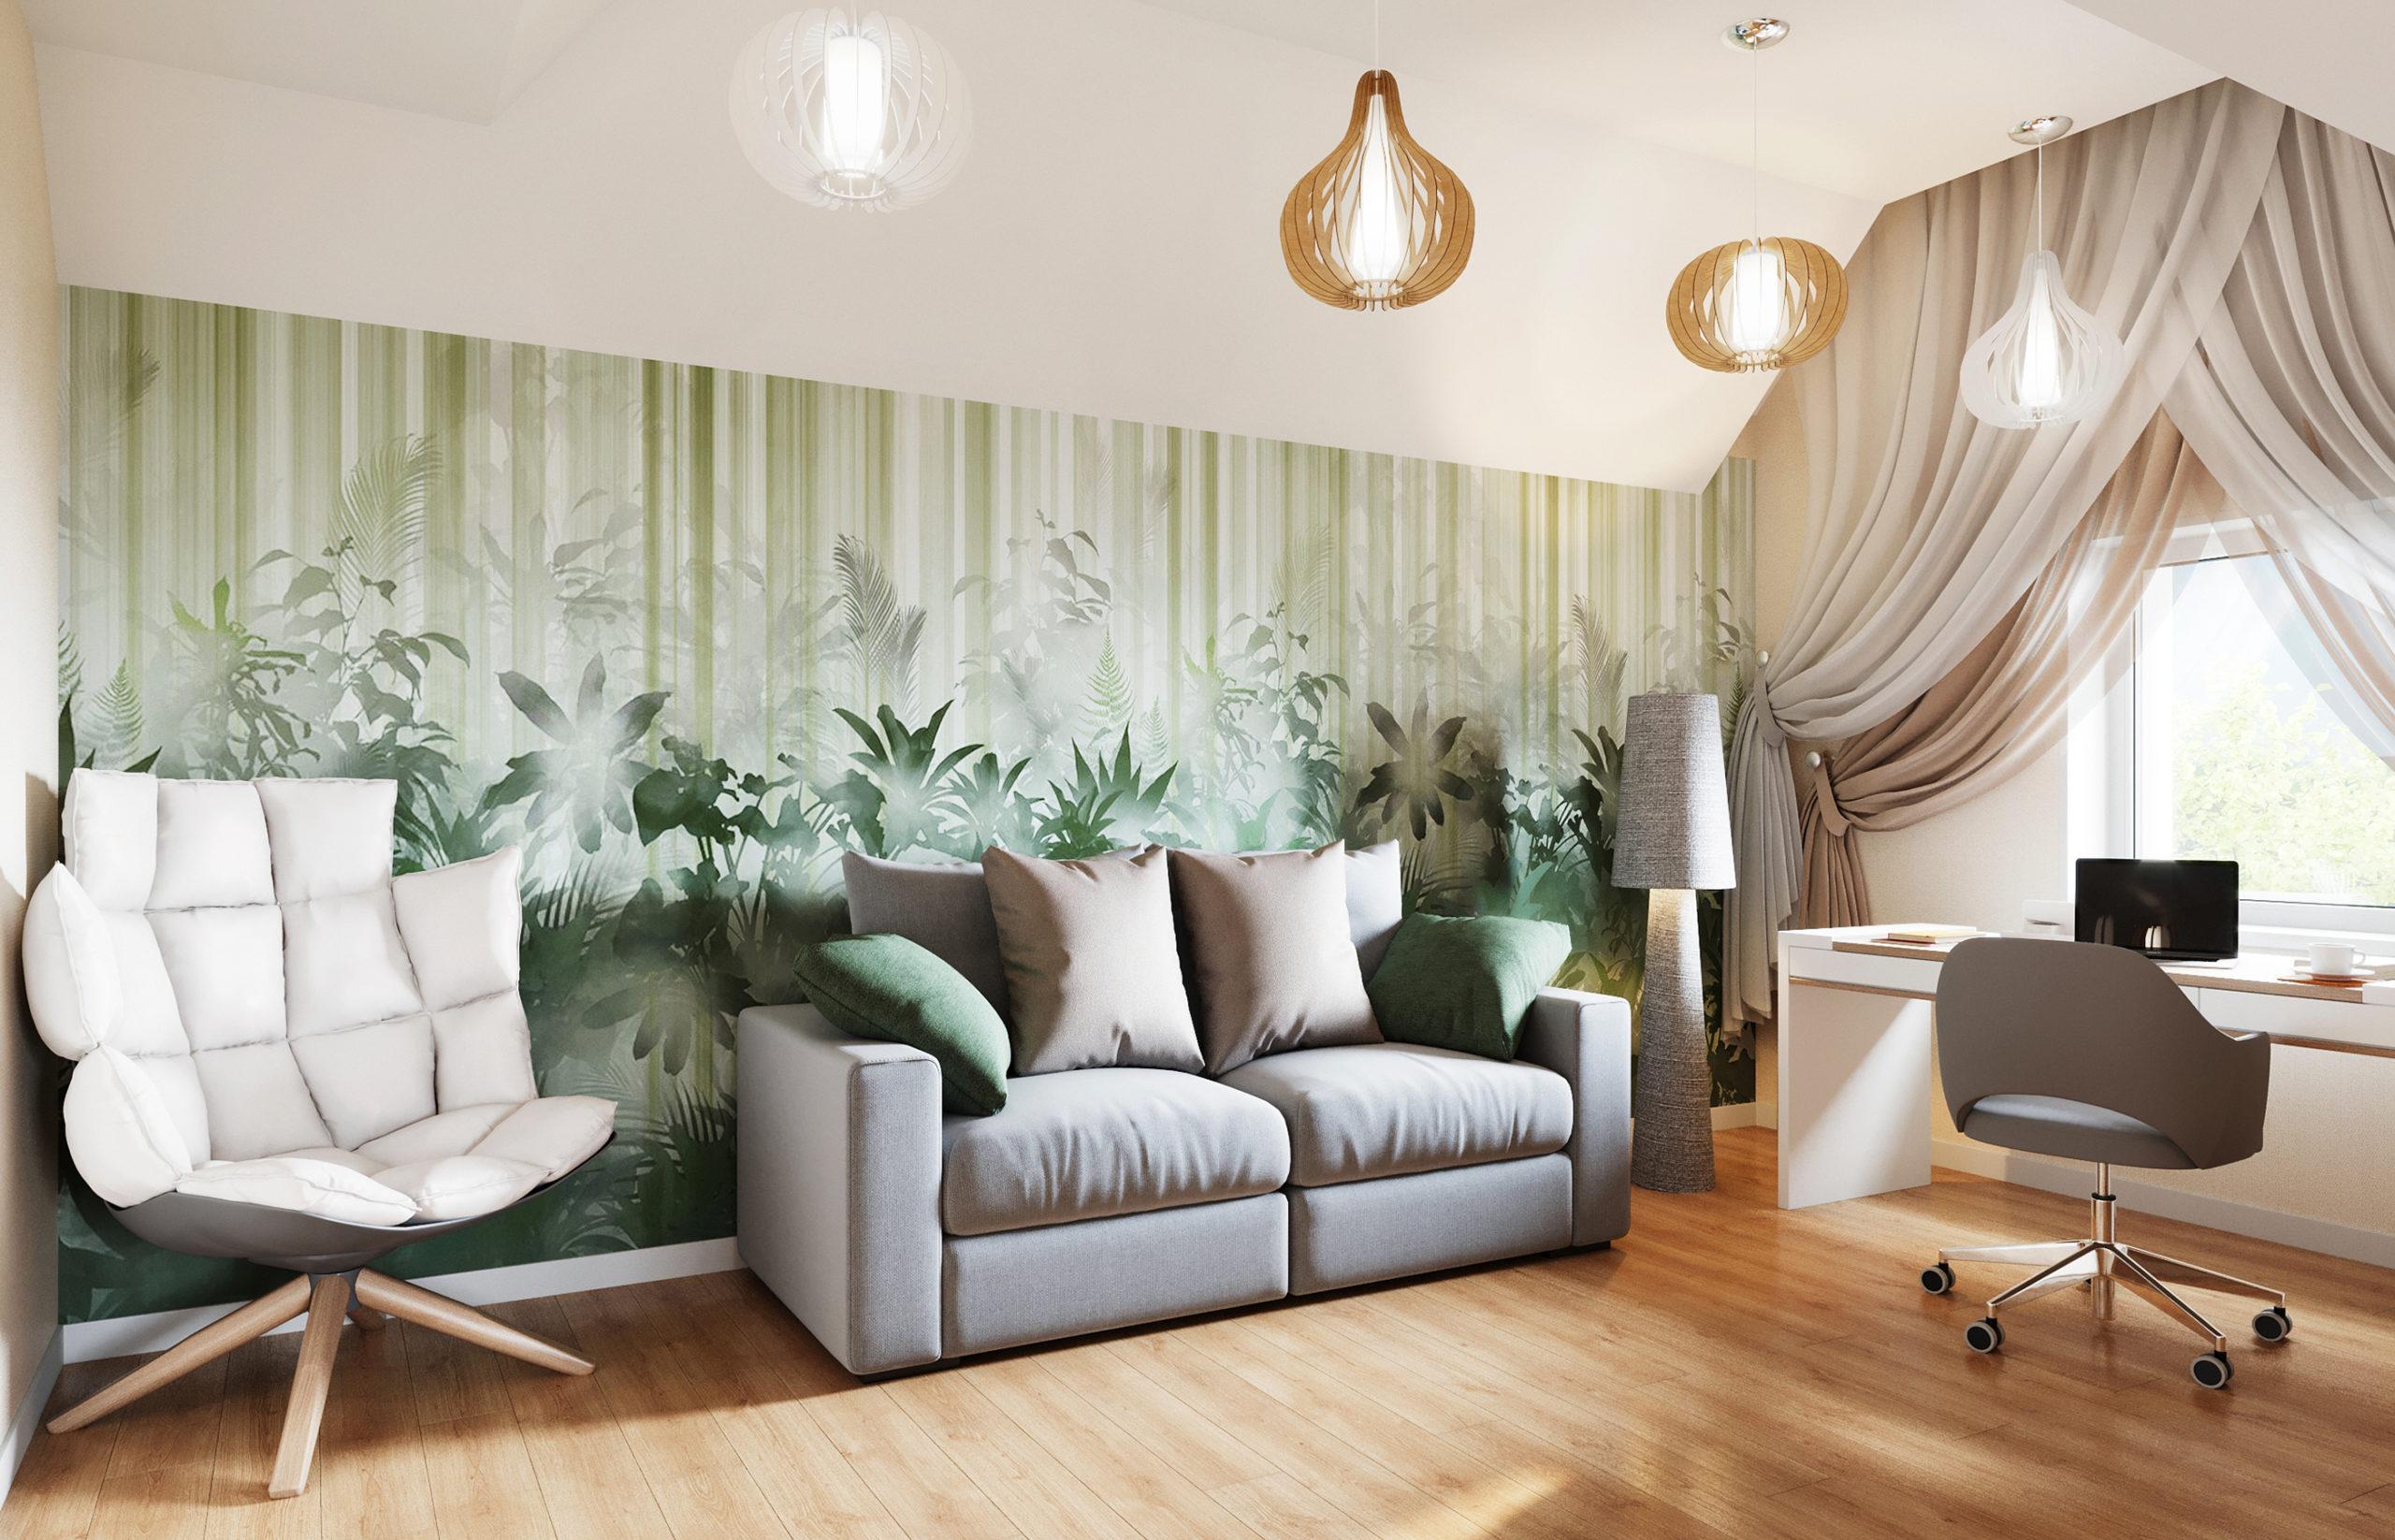 Мягкие прохладные оттенки, текстура дерева в отделке помогают смягчить жесткую геометрию мансардного помещения